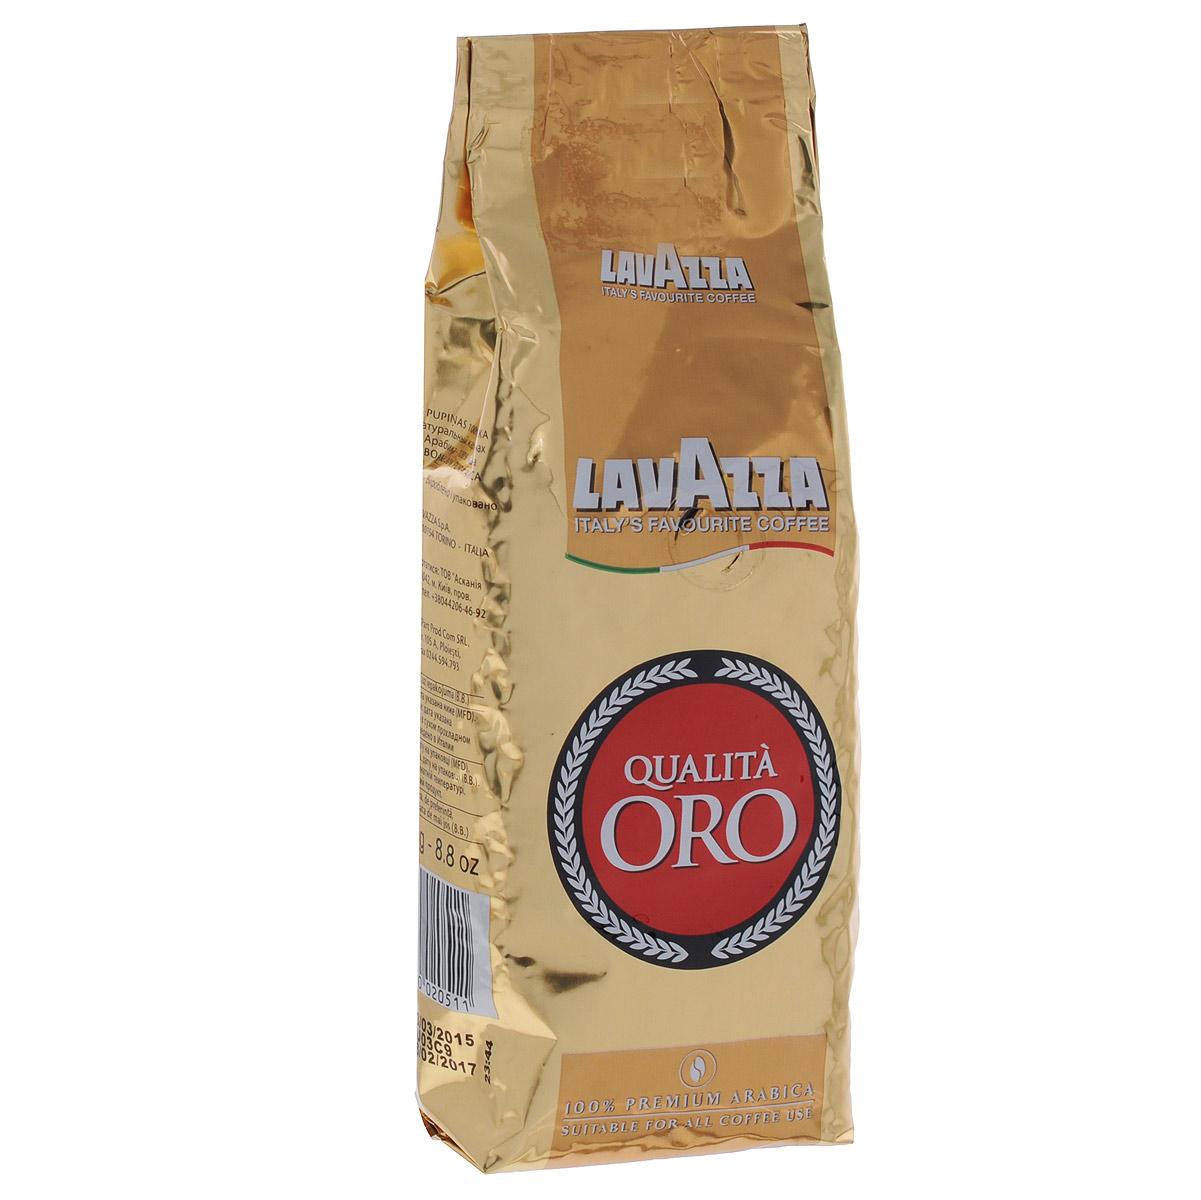 Lavazza Qualita Oro кофе в зернах, 250 г2051Lavazza Qualita Oro - ароматный напиток, созданный для требовательного кофемана с утонченным вкусом. Тщательно подобранный купаж создан из 100 % высокогорной арабики, выращенной на лучших плантациях Центральной Америки. Средняя обжарка и высокое качество сырья позволяют получить ярко выраженный красочный вкус и запоминающийся аромат, наполненный выразительной цветочной нотой с небольшой кислинкой.Отличной подойдет не только для кафе,баров и ресторанов, но и для вашей кофемашины в офис или домой.